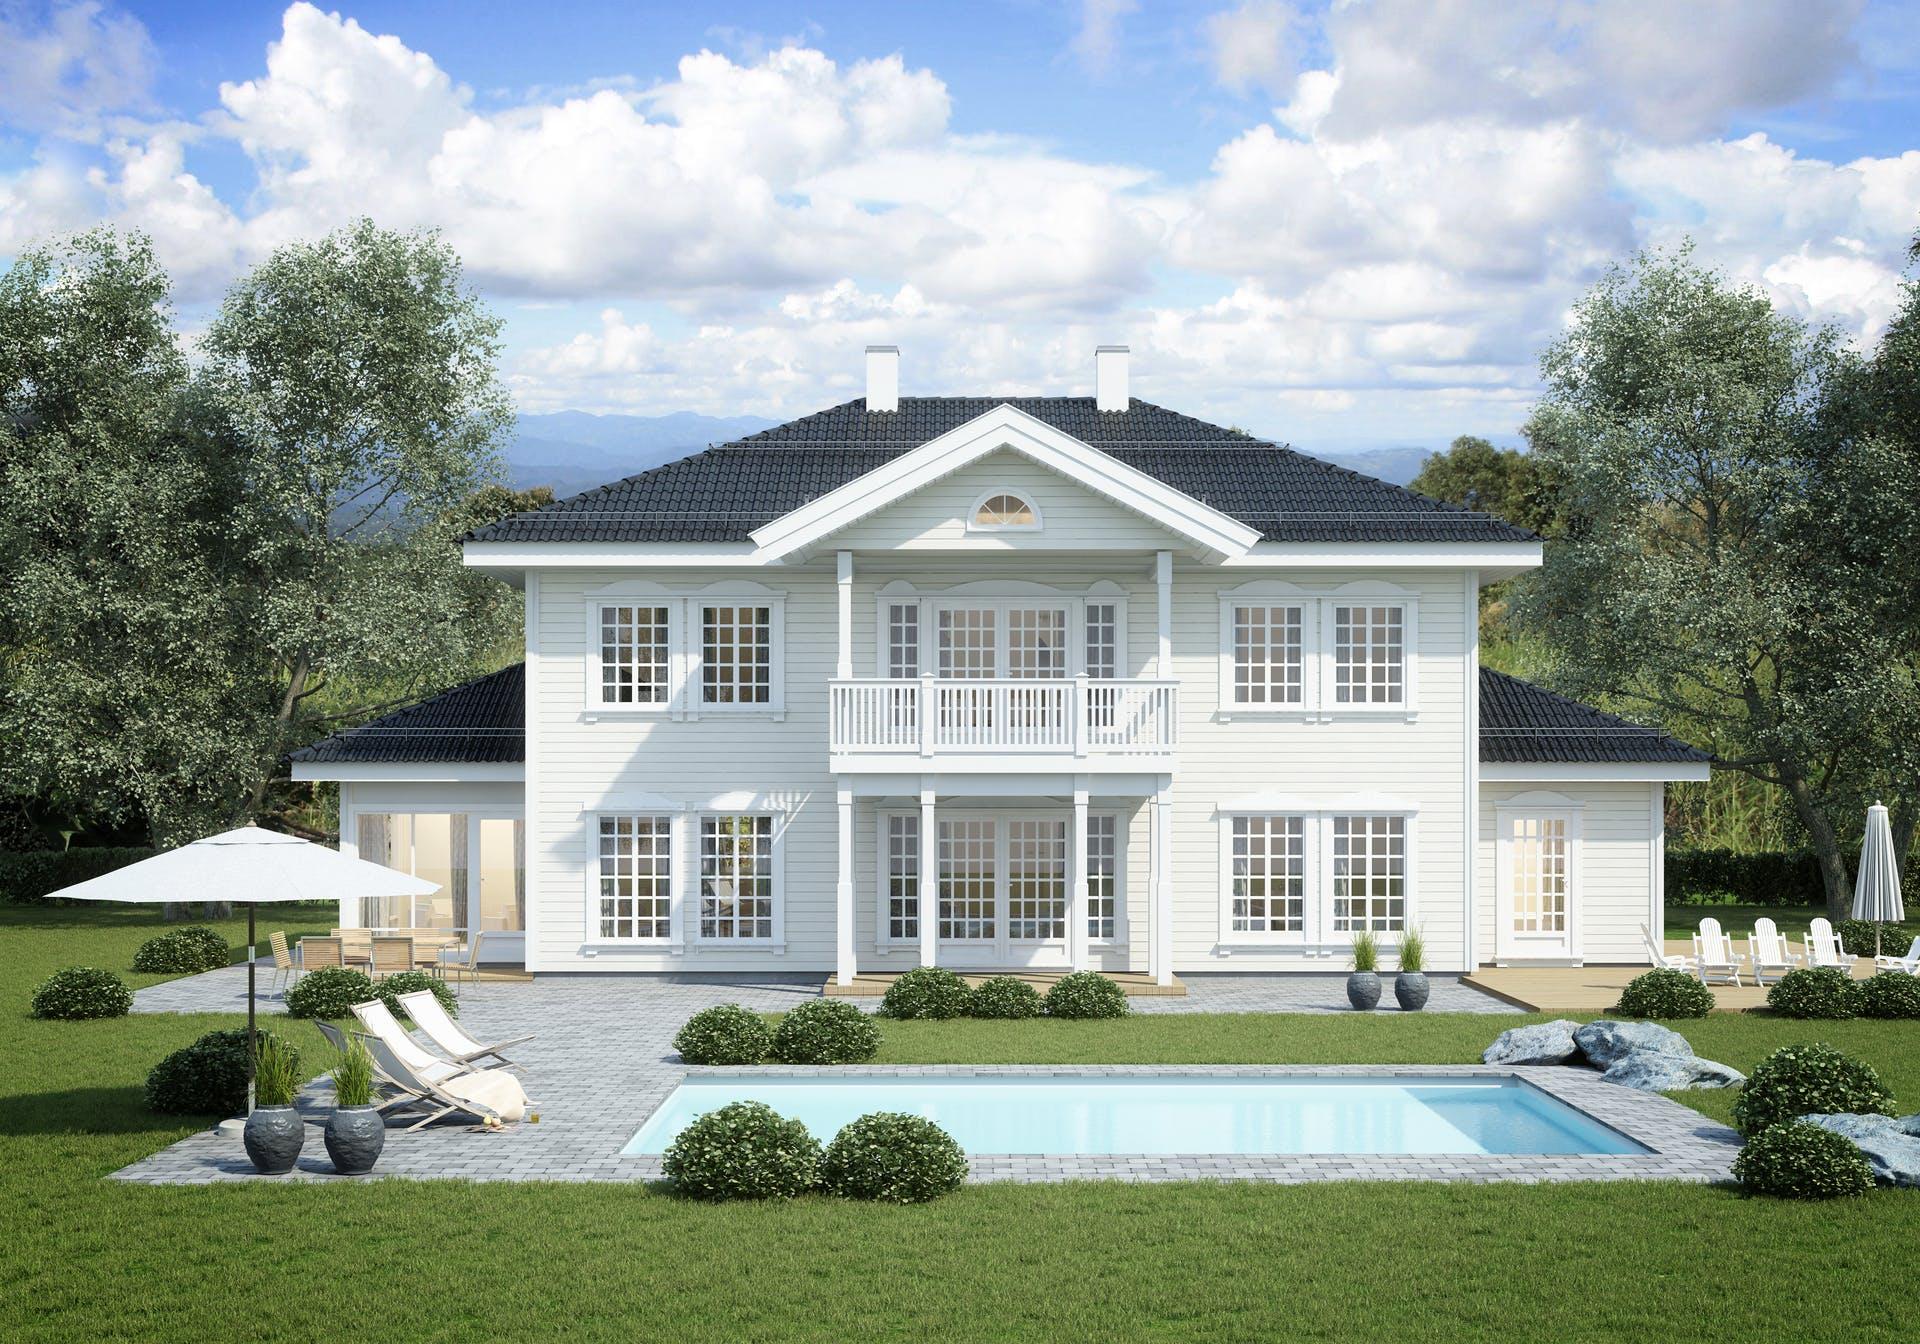 Bilde av husmodellen Villa Welhaven av ferdighusleverandøren Norhus